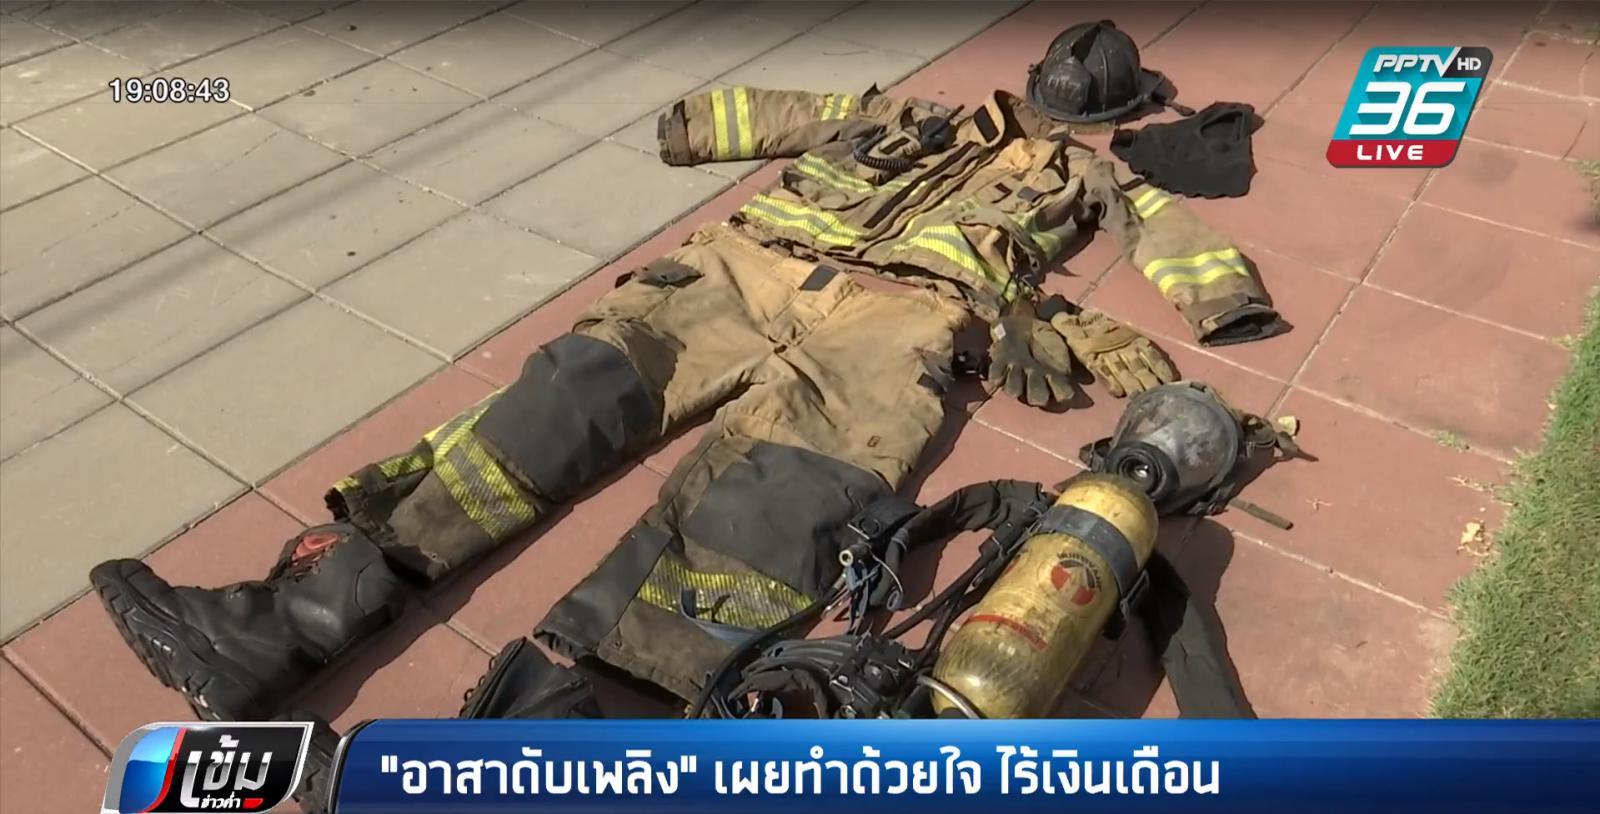 เปิดใจ! อาสาดับเพลิง ทำอาชีพนี้ทำเพราะใจชอบ - ใช้อุปกรณ์หมดอายุจากต่างประเทศ